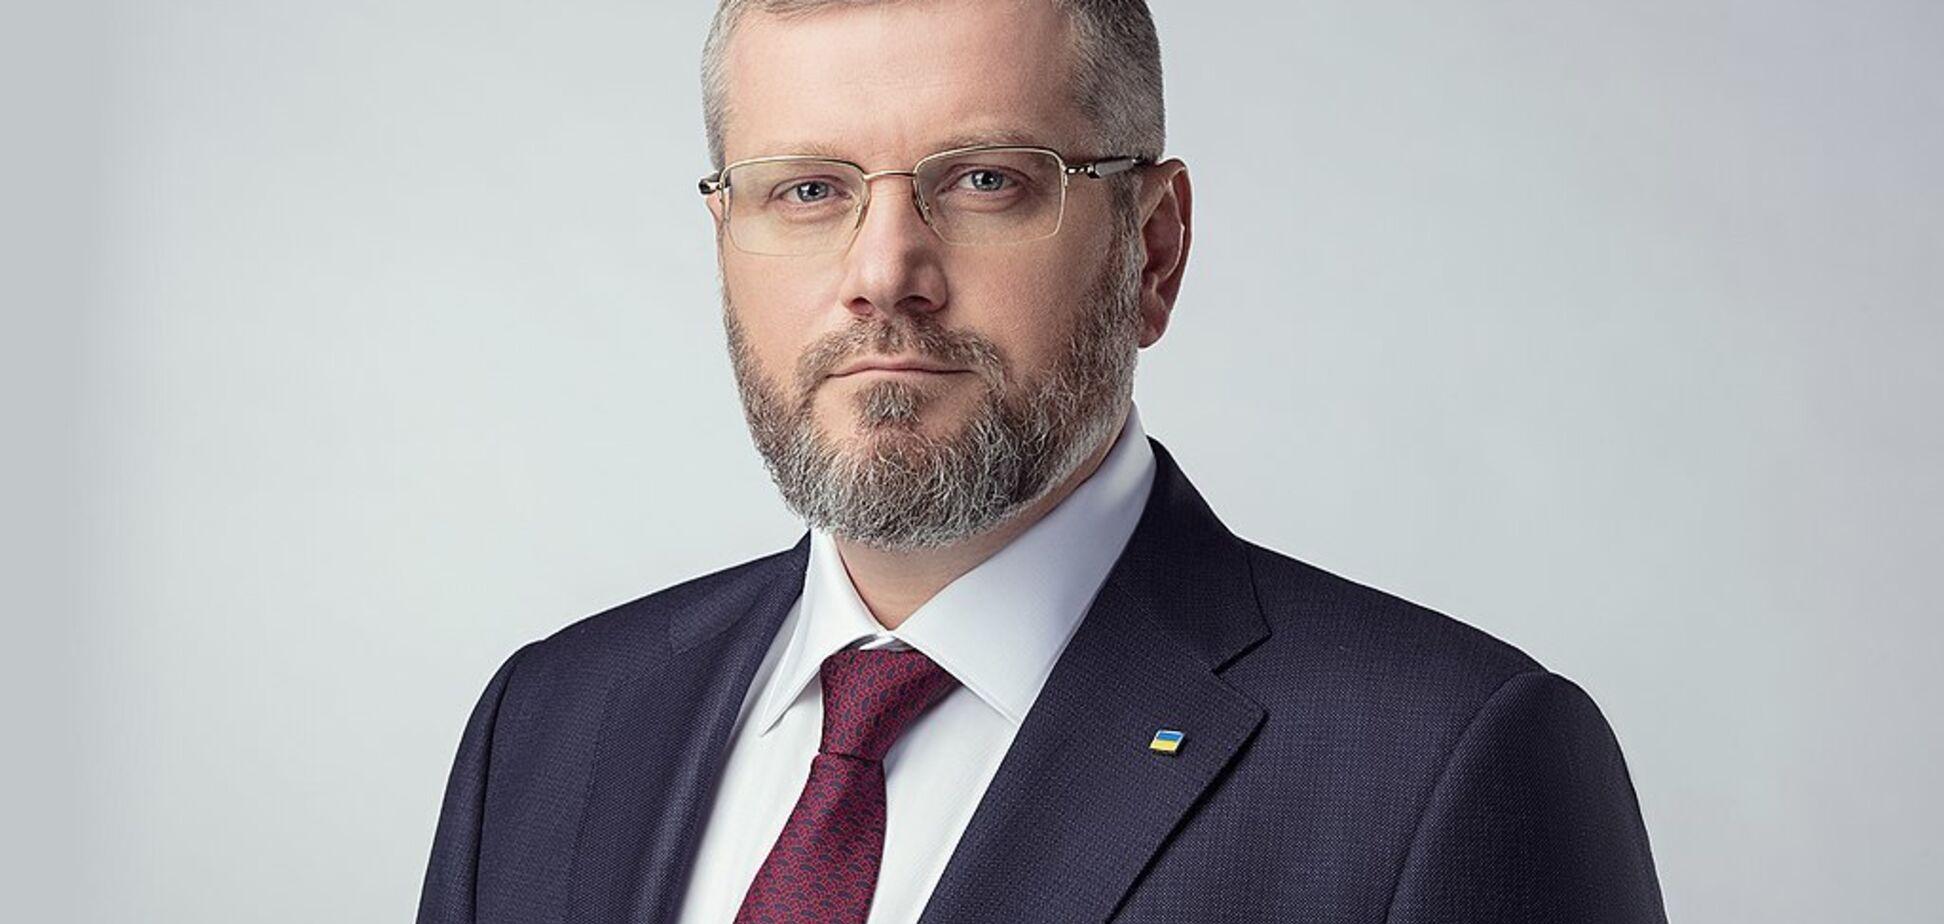 Програма Вілкула на виборах президента